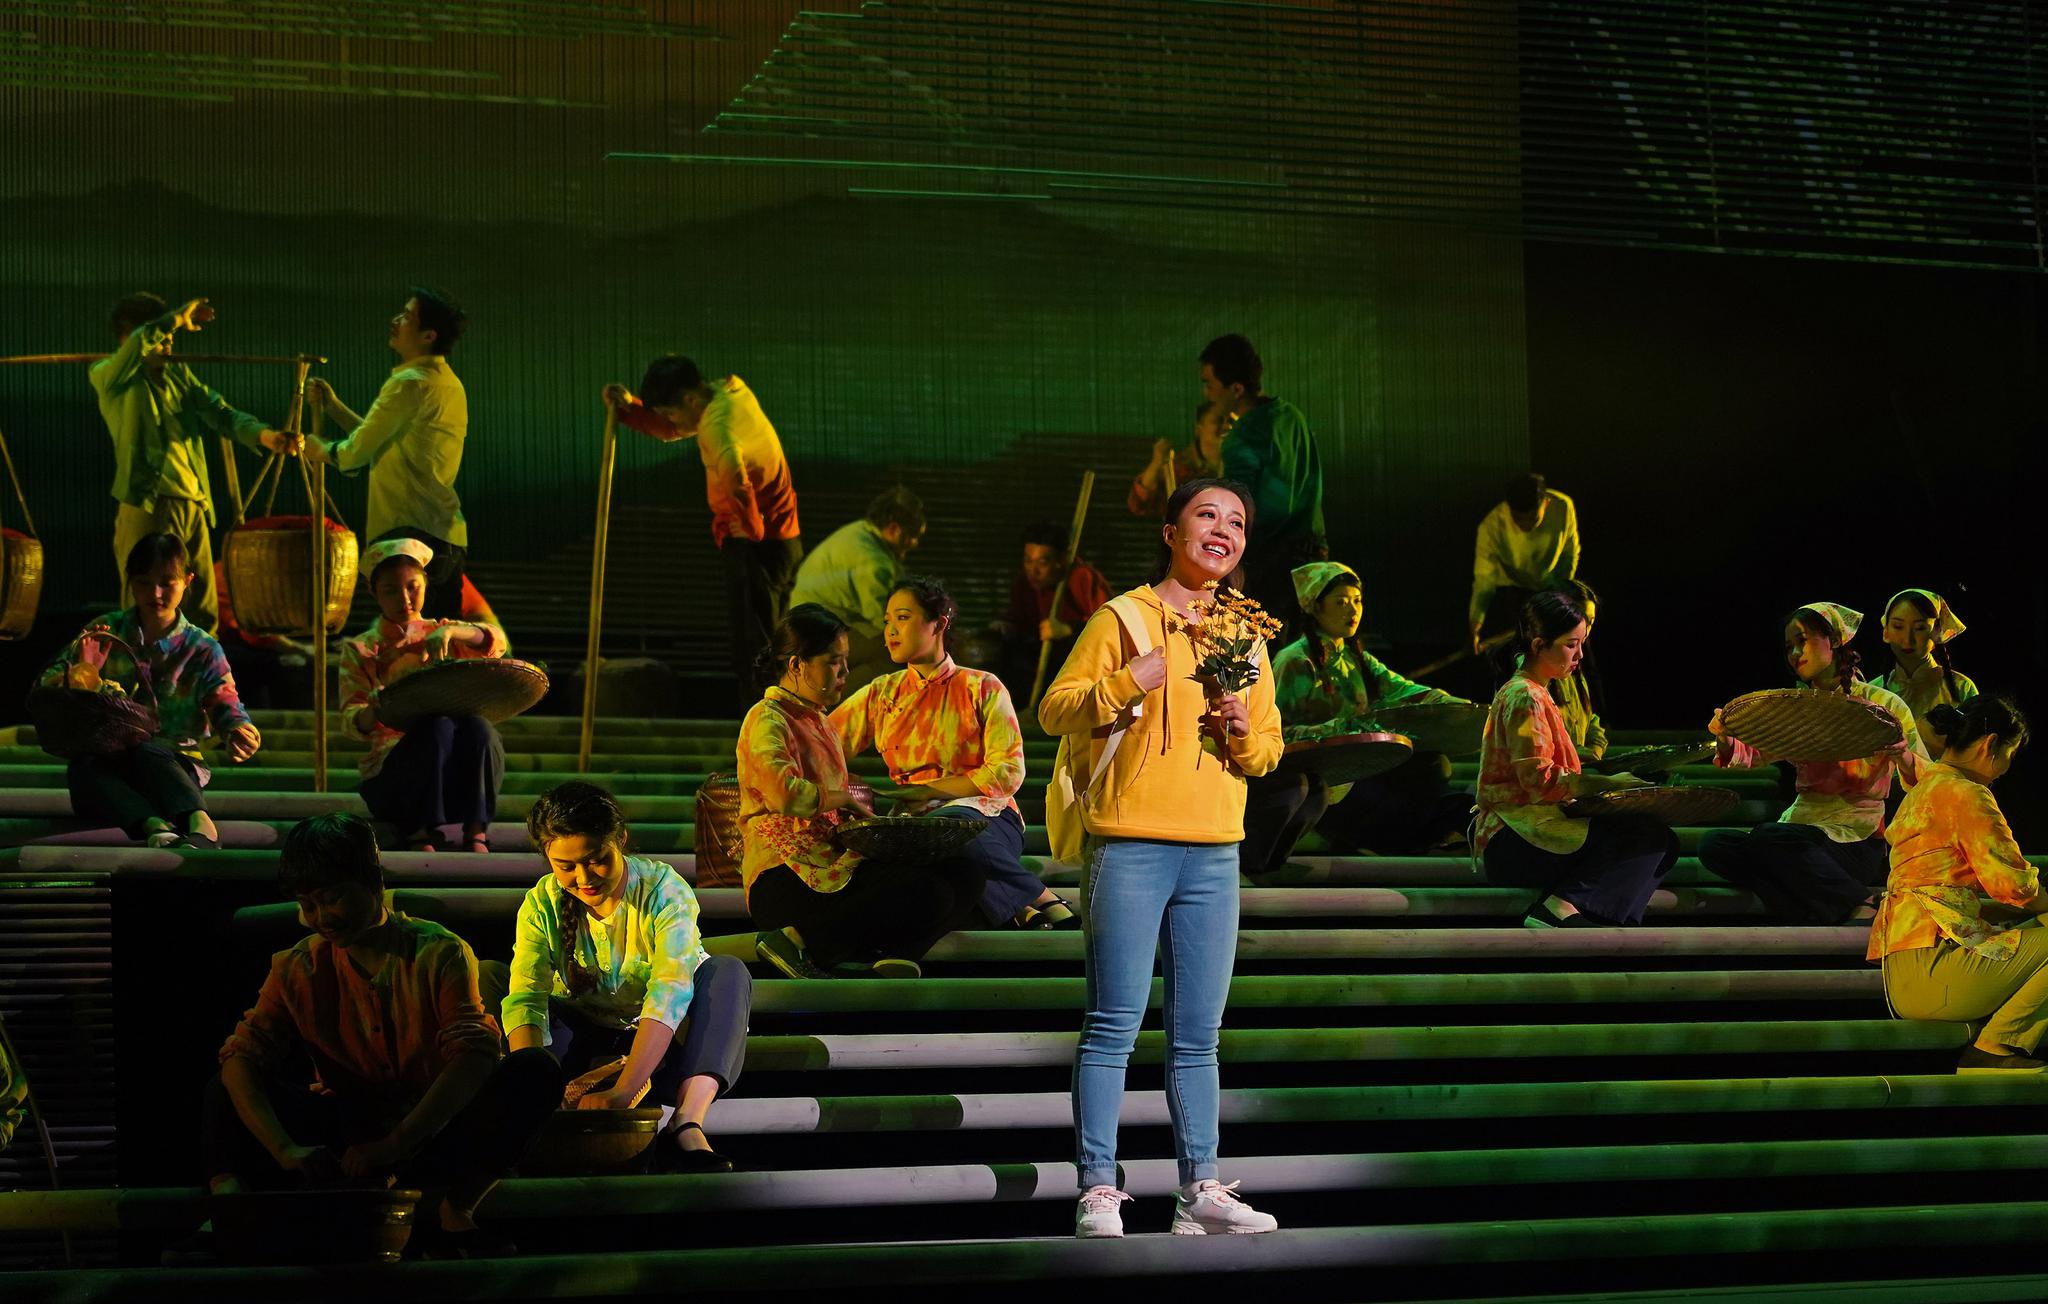 原创民族歌剧《山茶花开》在南昌演出